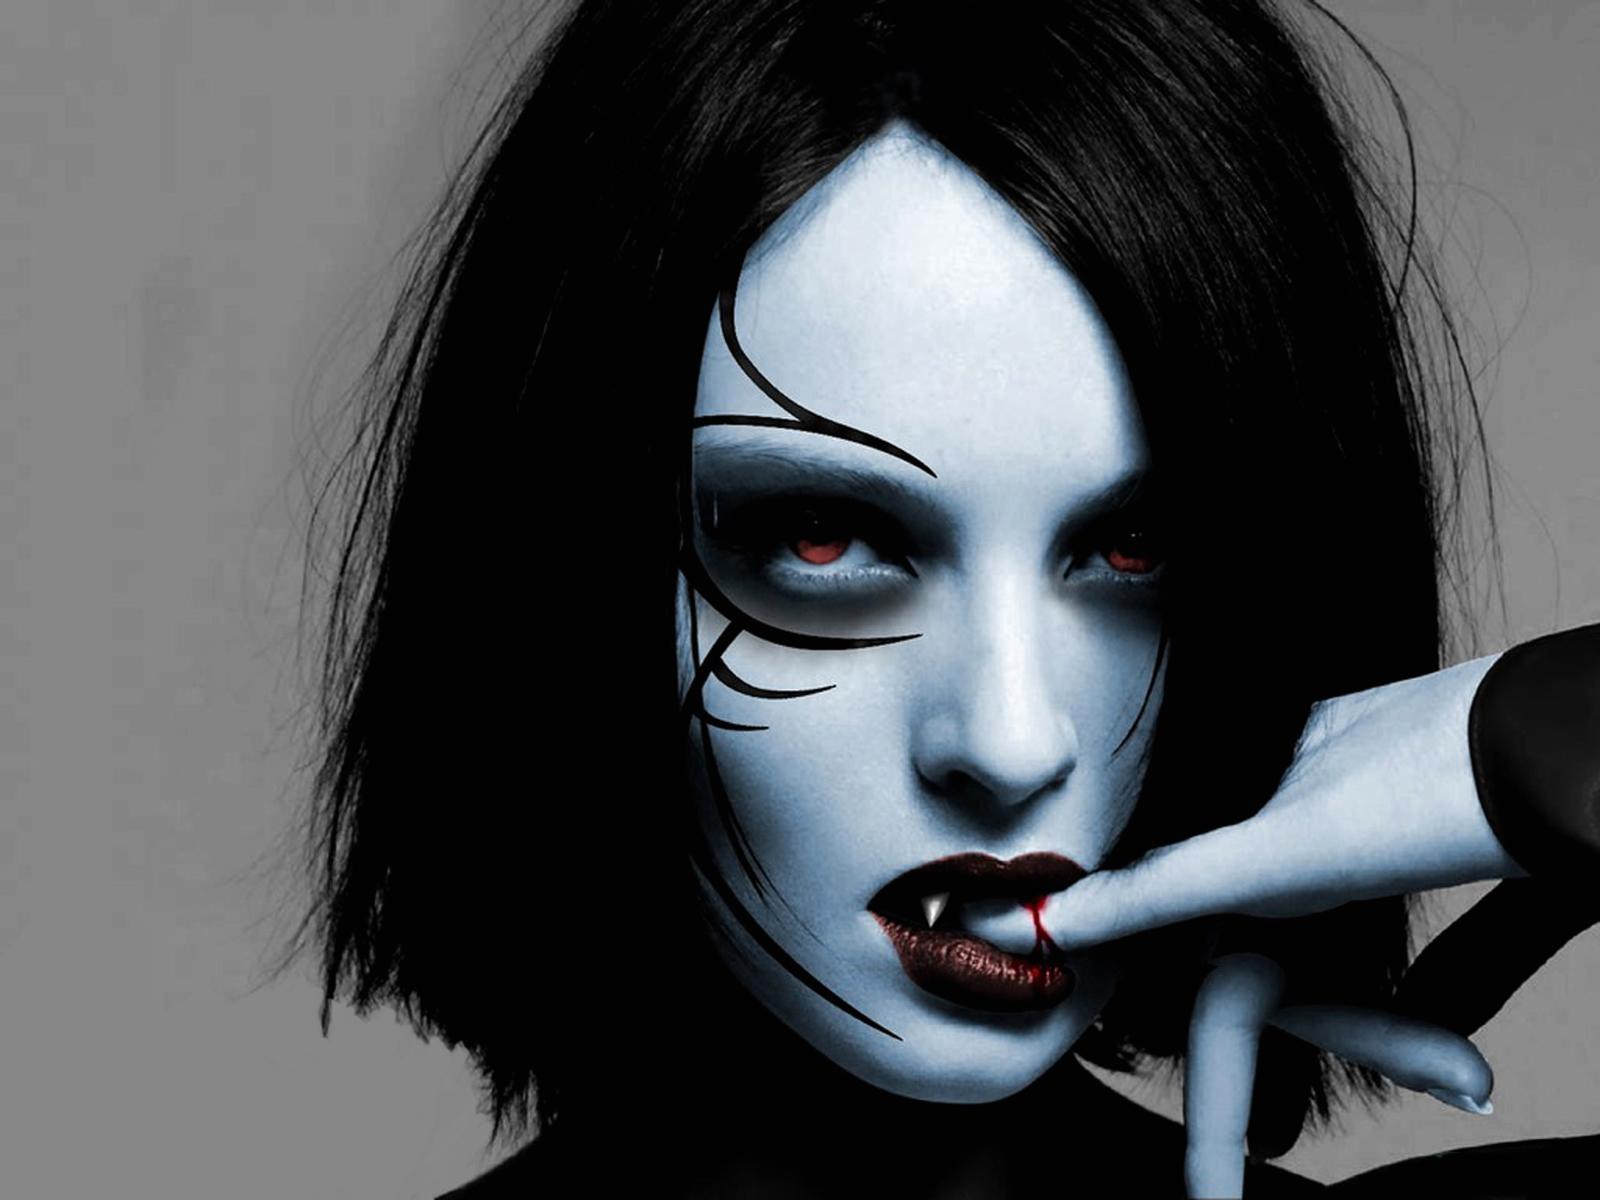 Donker - Vampier  Wallpaper